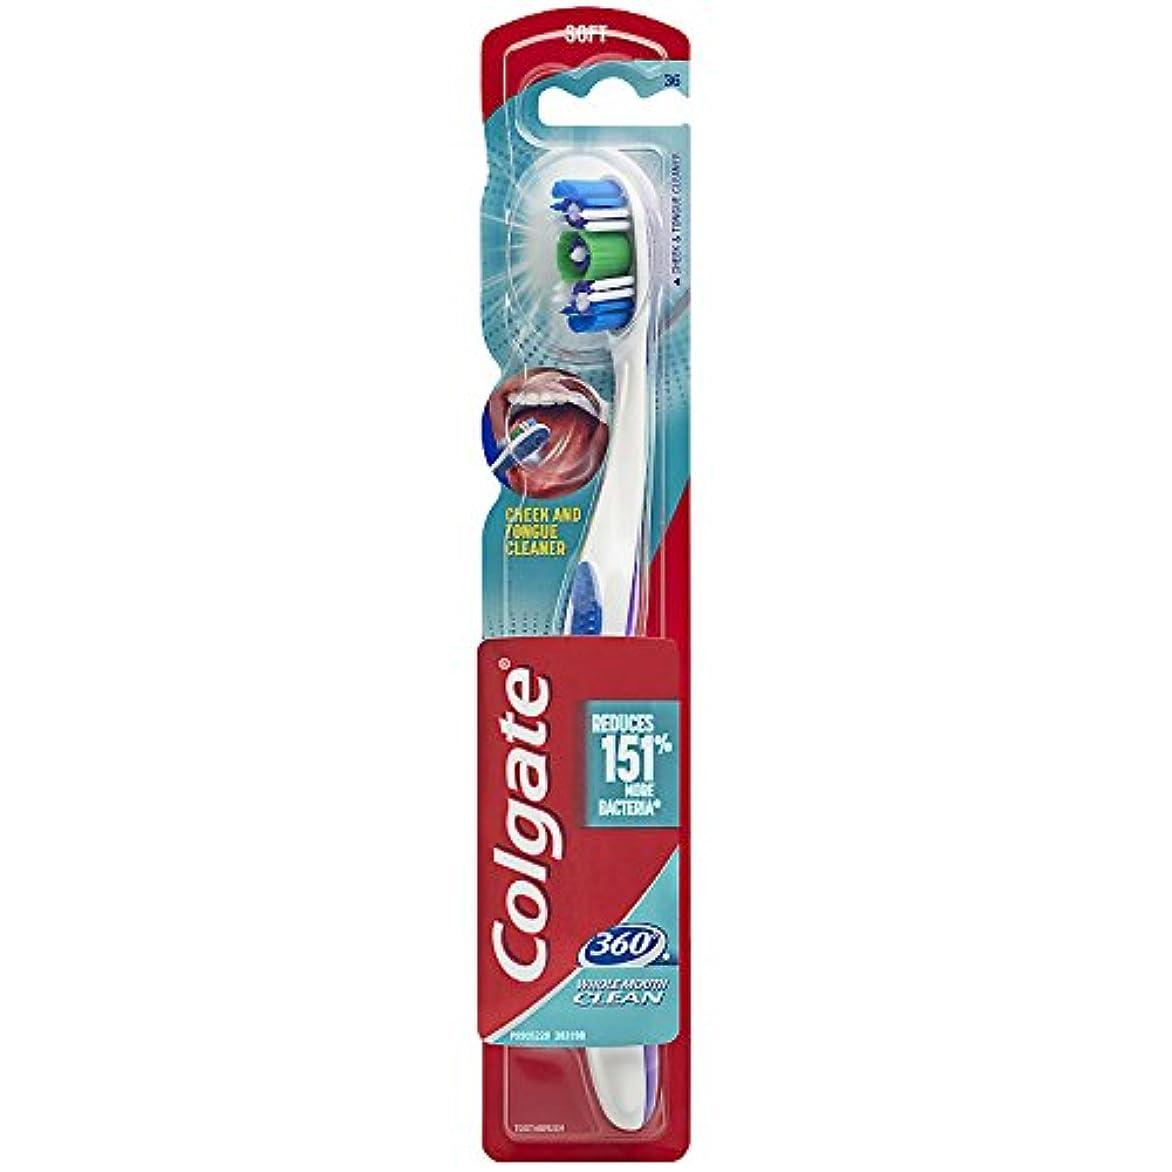 戦い上級気づくColgate 舌と頬クリーナーで360歯ブラシ - ソフト(1パック)